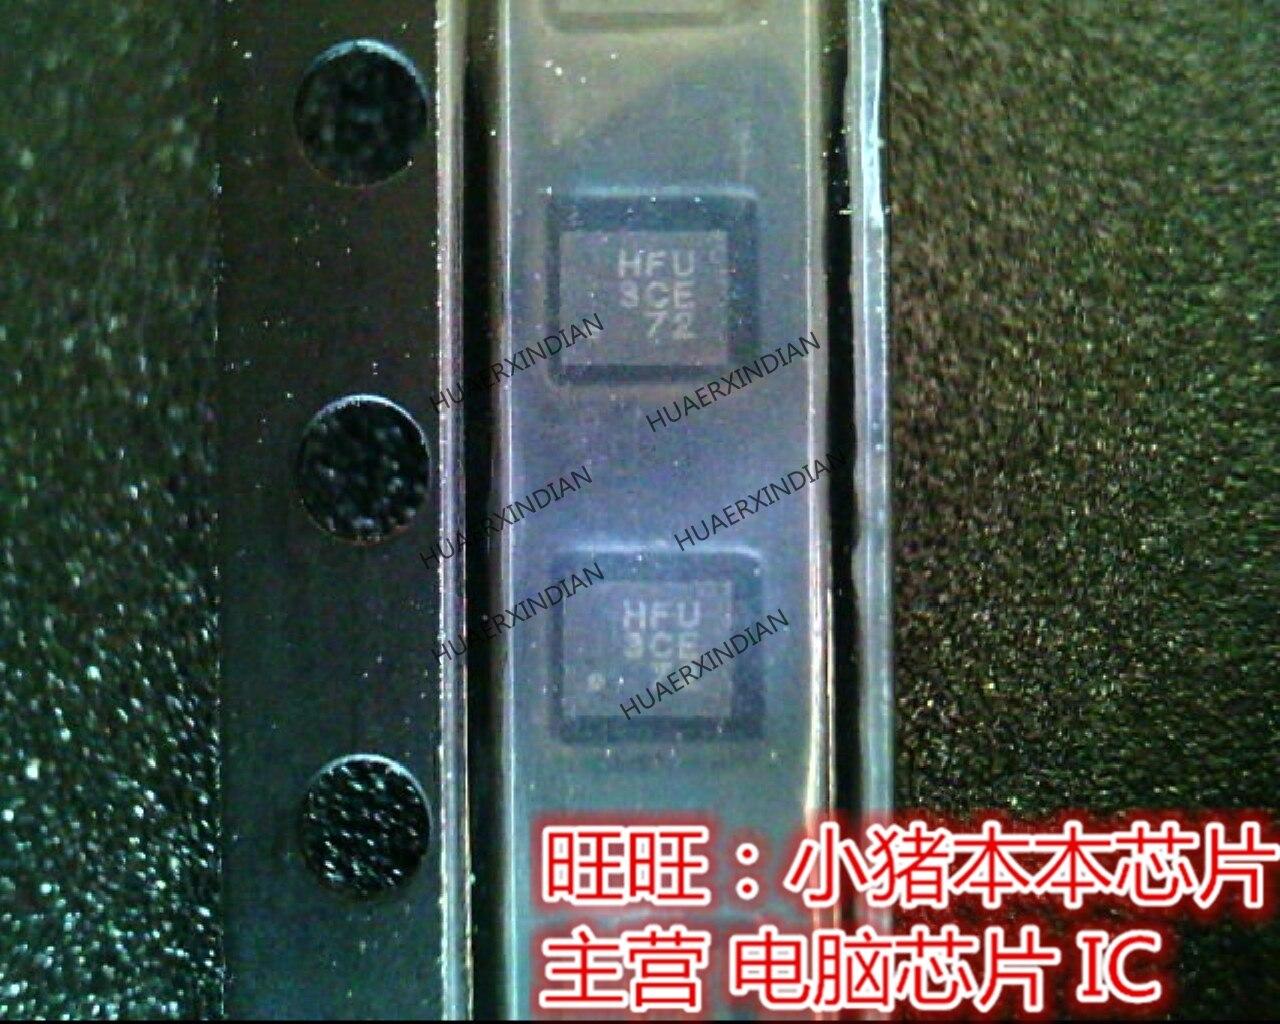 Nueva Marca original SLG5AP304V HFU 3CE QFN alta calidad